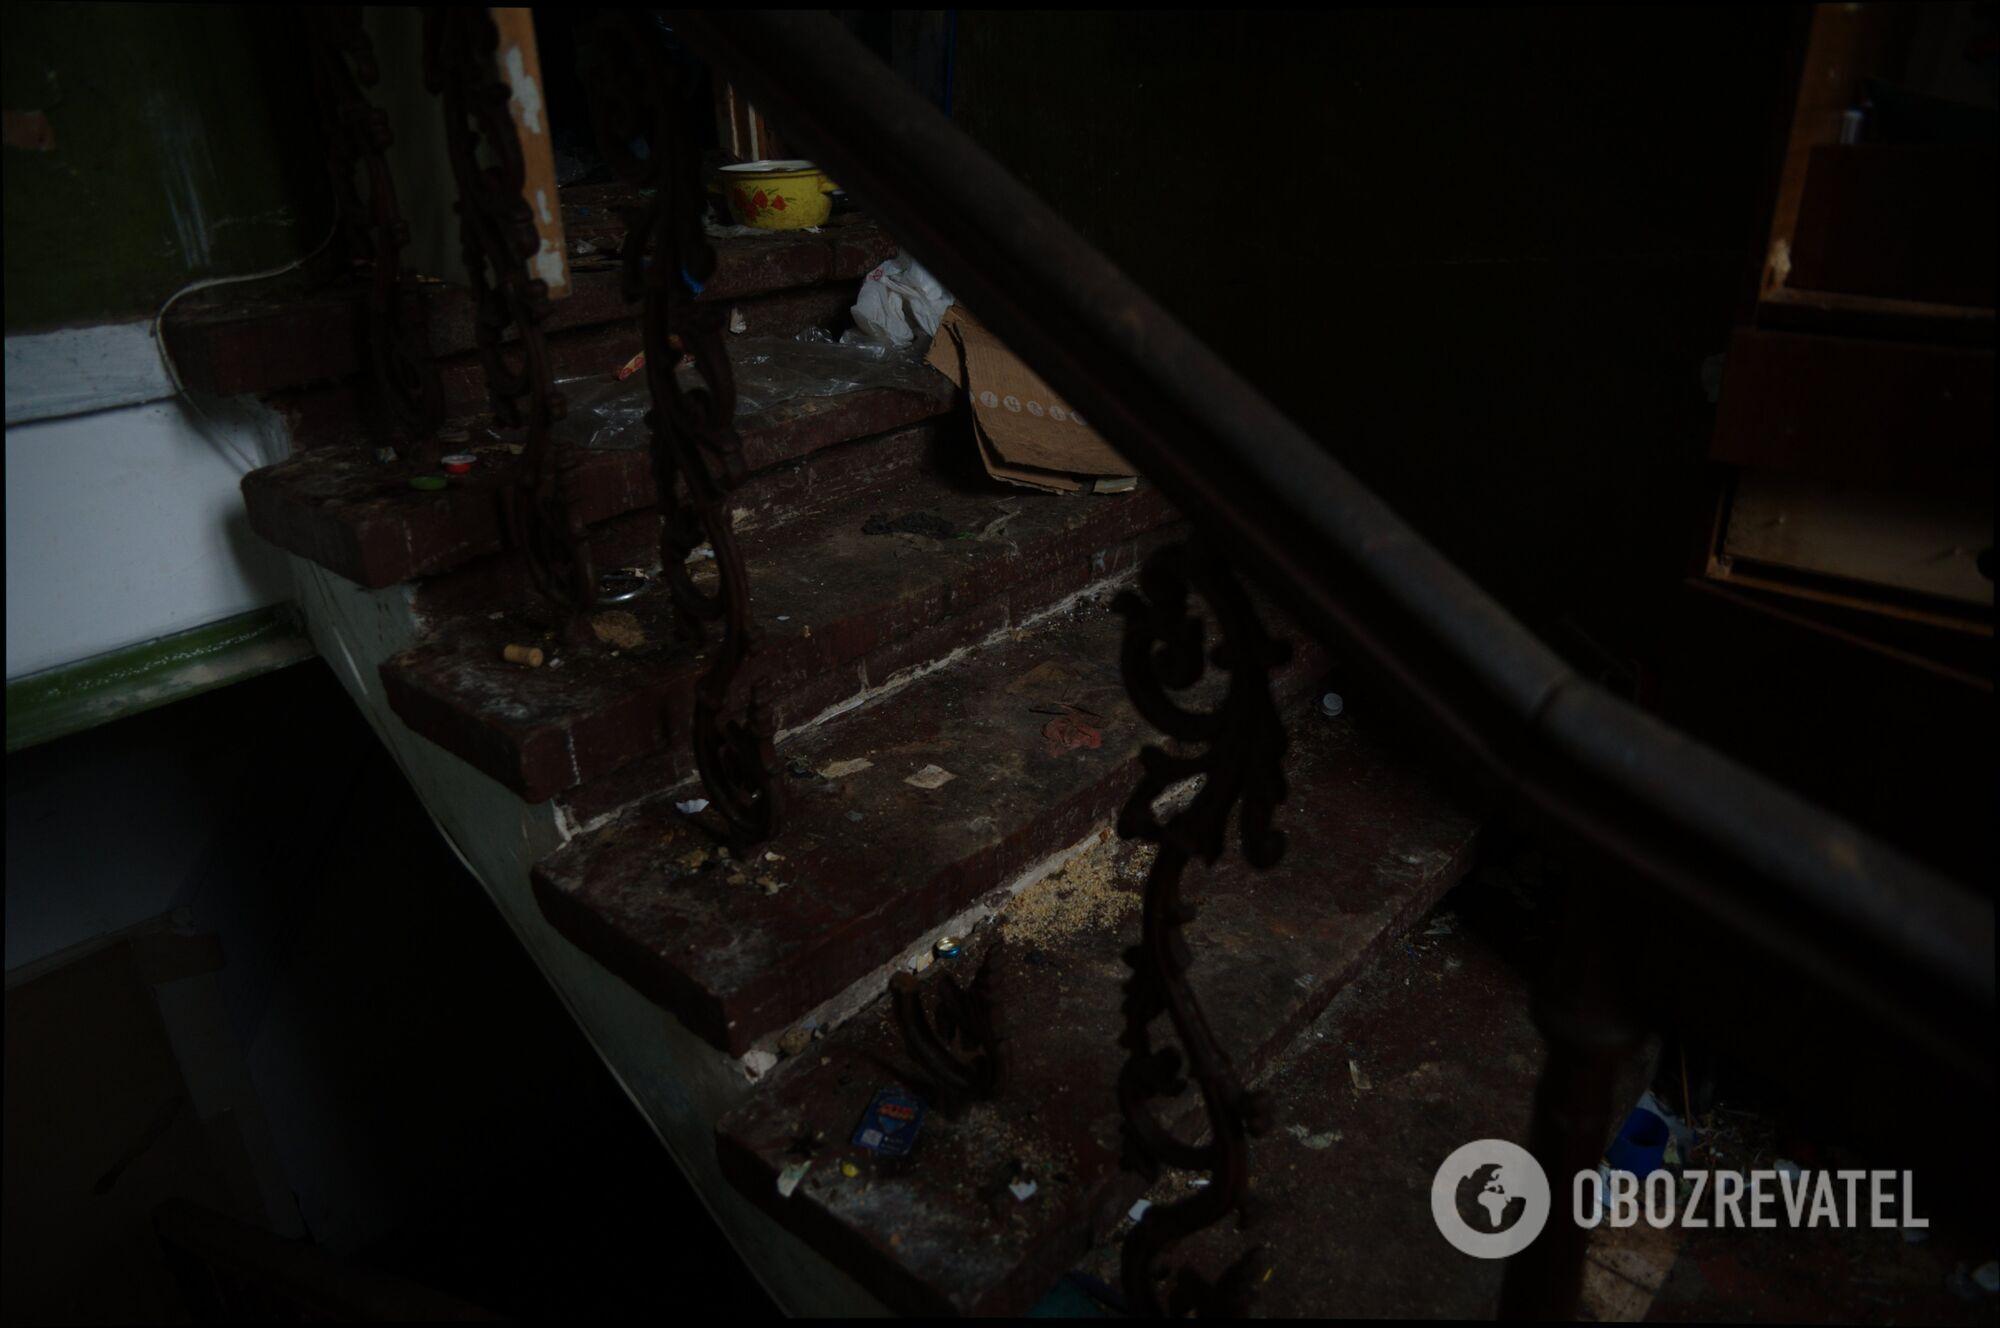 Мусором жители скандальной квартиры в Харькове засыпали даже лестницу.